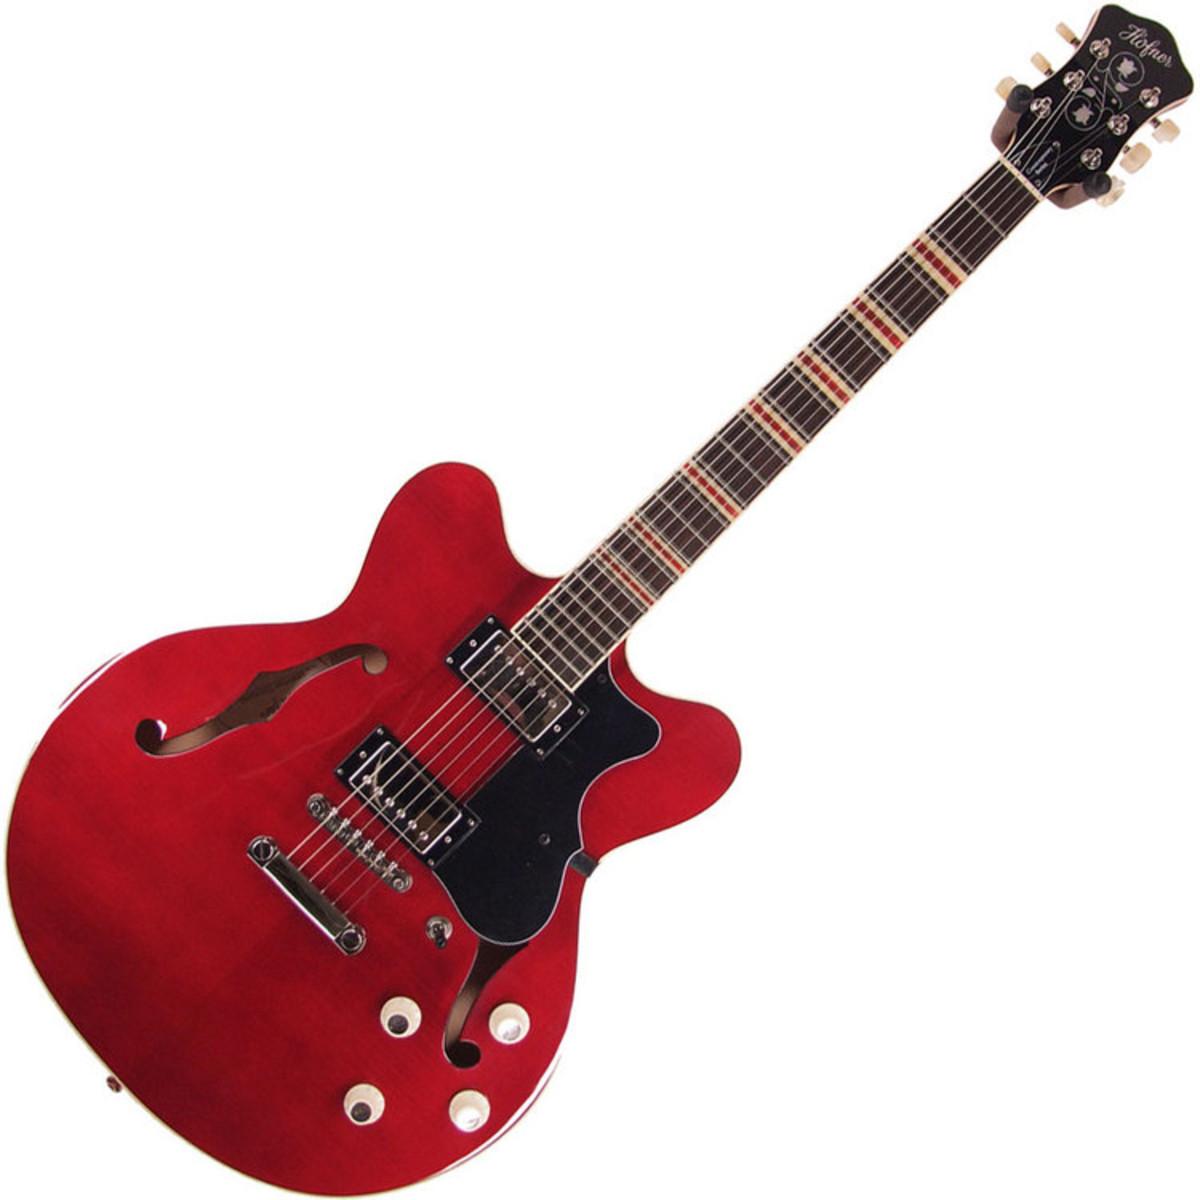 hofner hct verythin guitare lectrique rouge. Black Bedroom Furniture Sets. Home Design Ideas